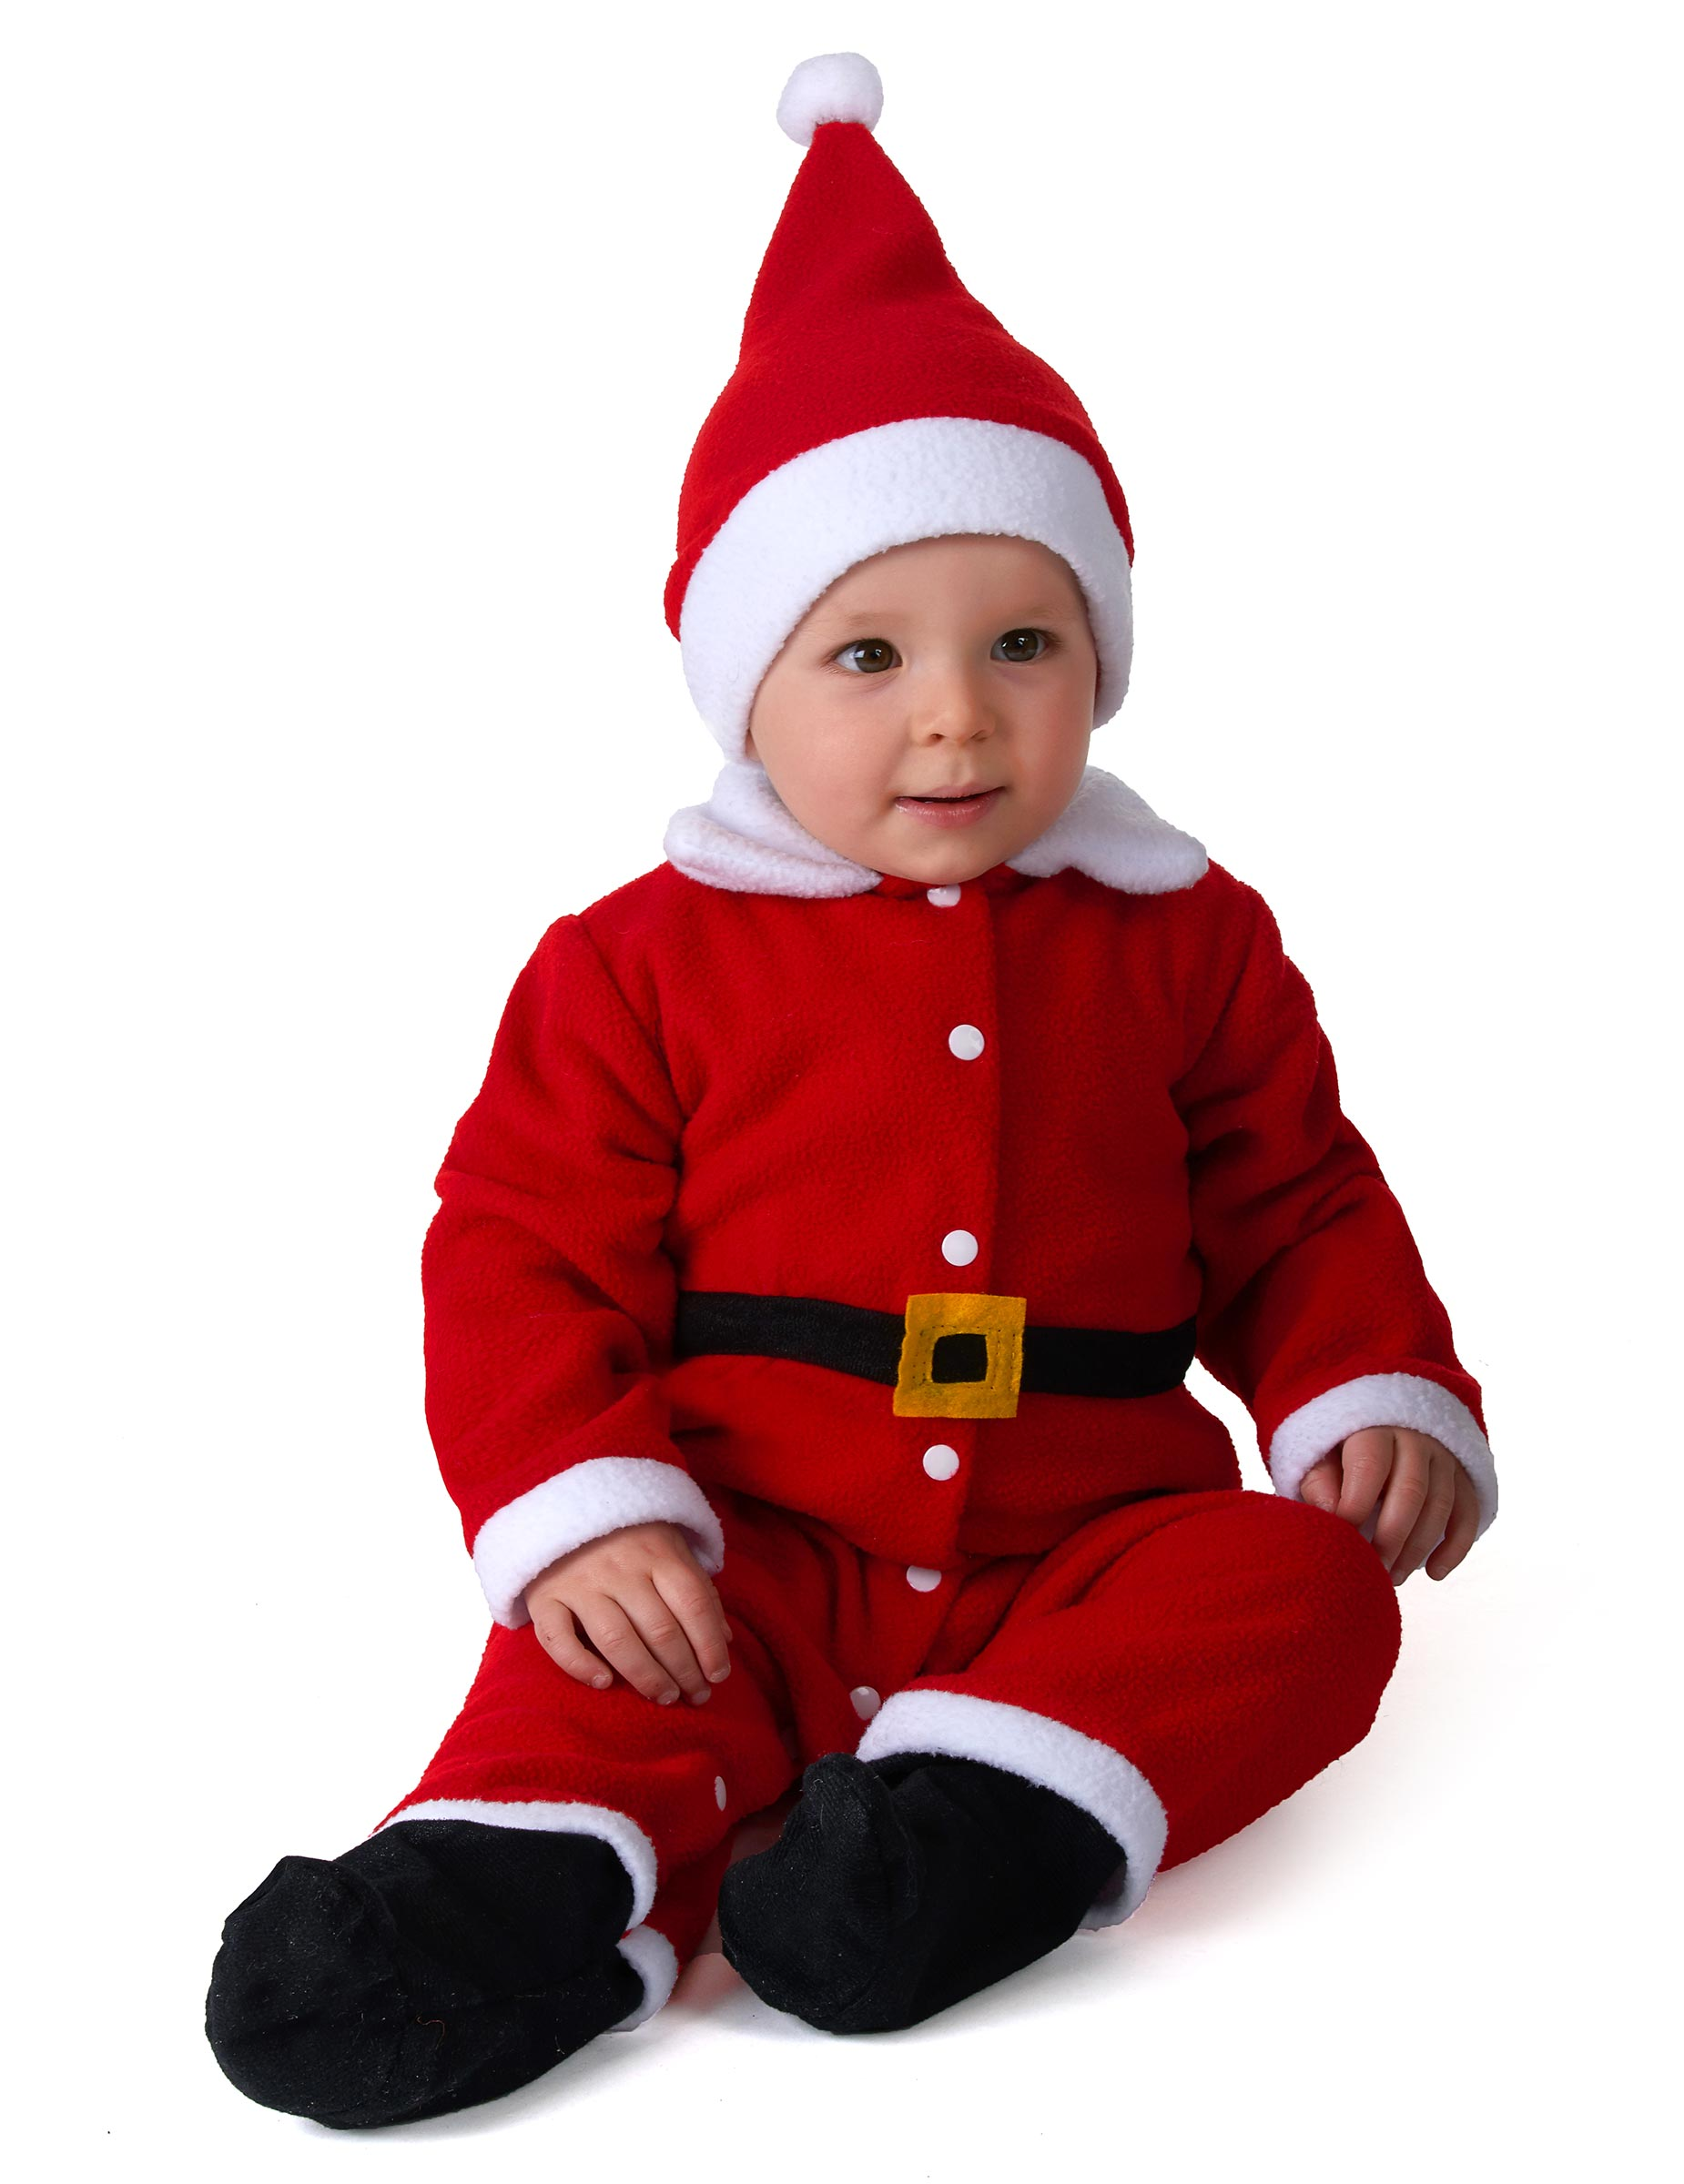 be5d3c5c1b48 Disfarce Pai Natal lindo para bebé: Disfarces Crianças,mascarilhas e ...